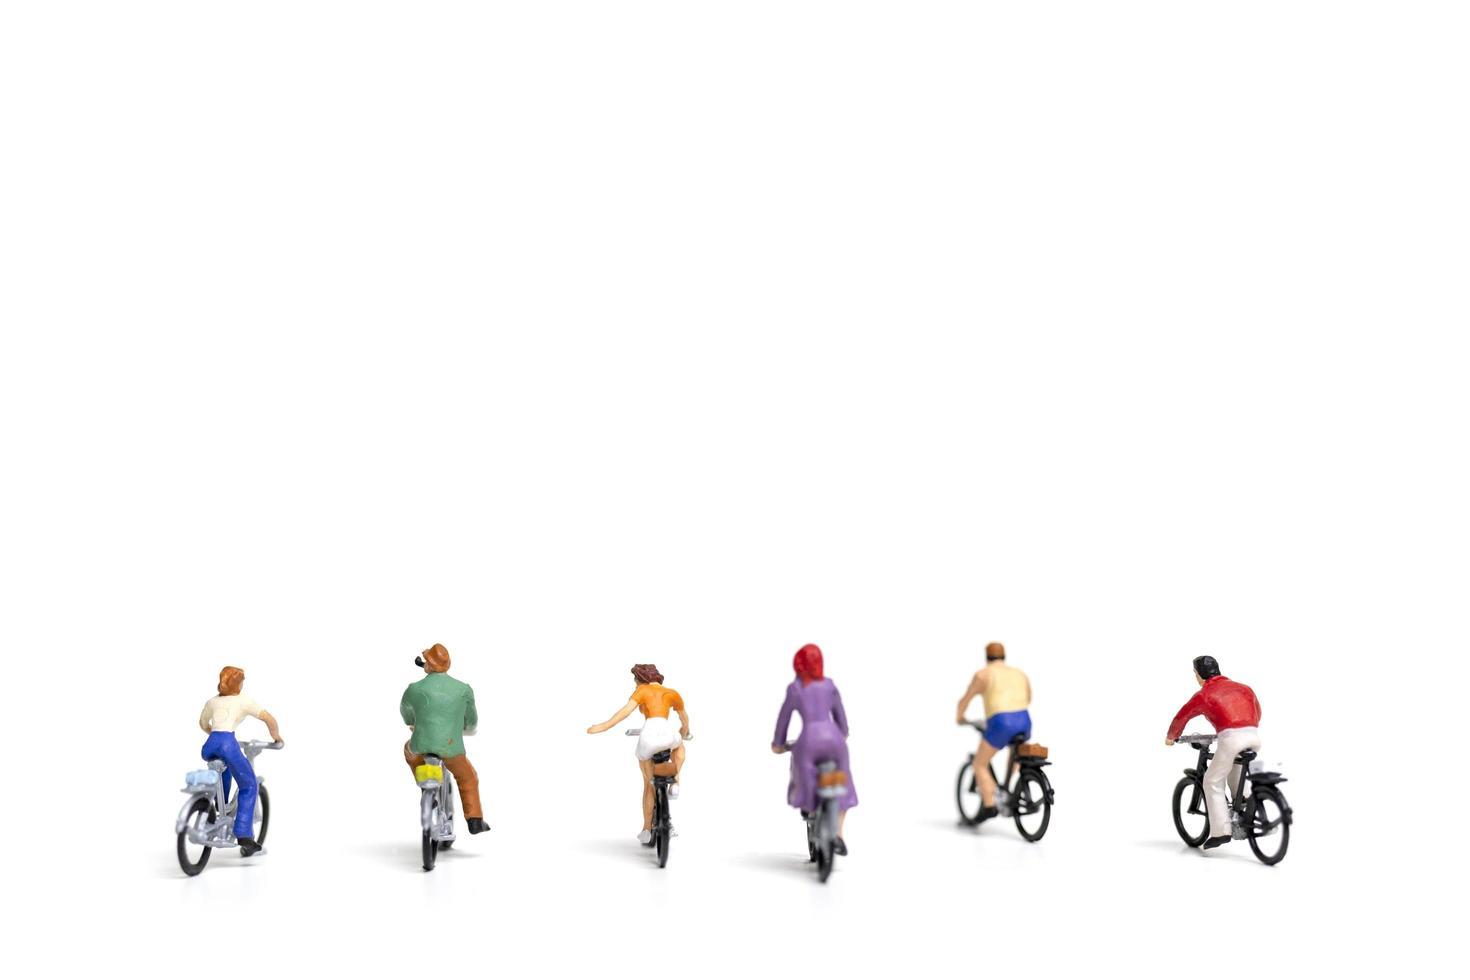 miniatyrvänner som cyklar isolerad på en vit bakgrund, resekoncept foto